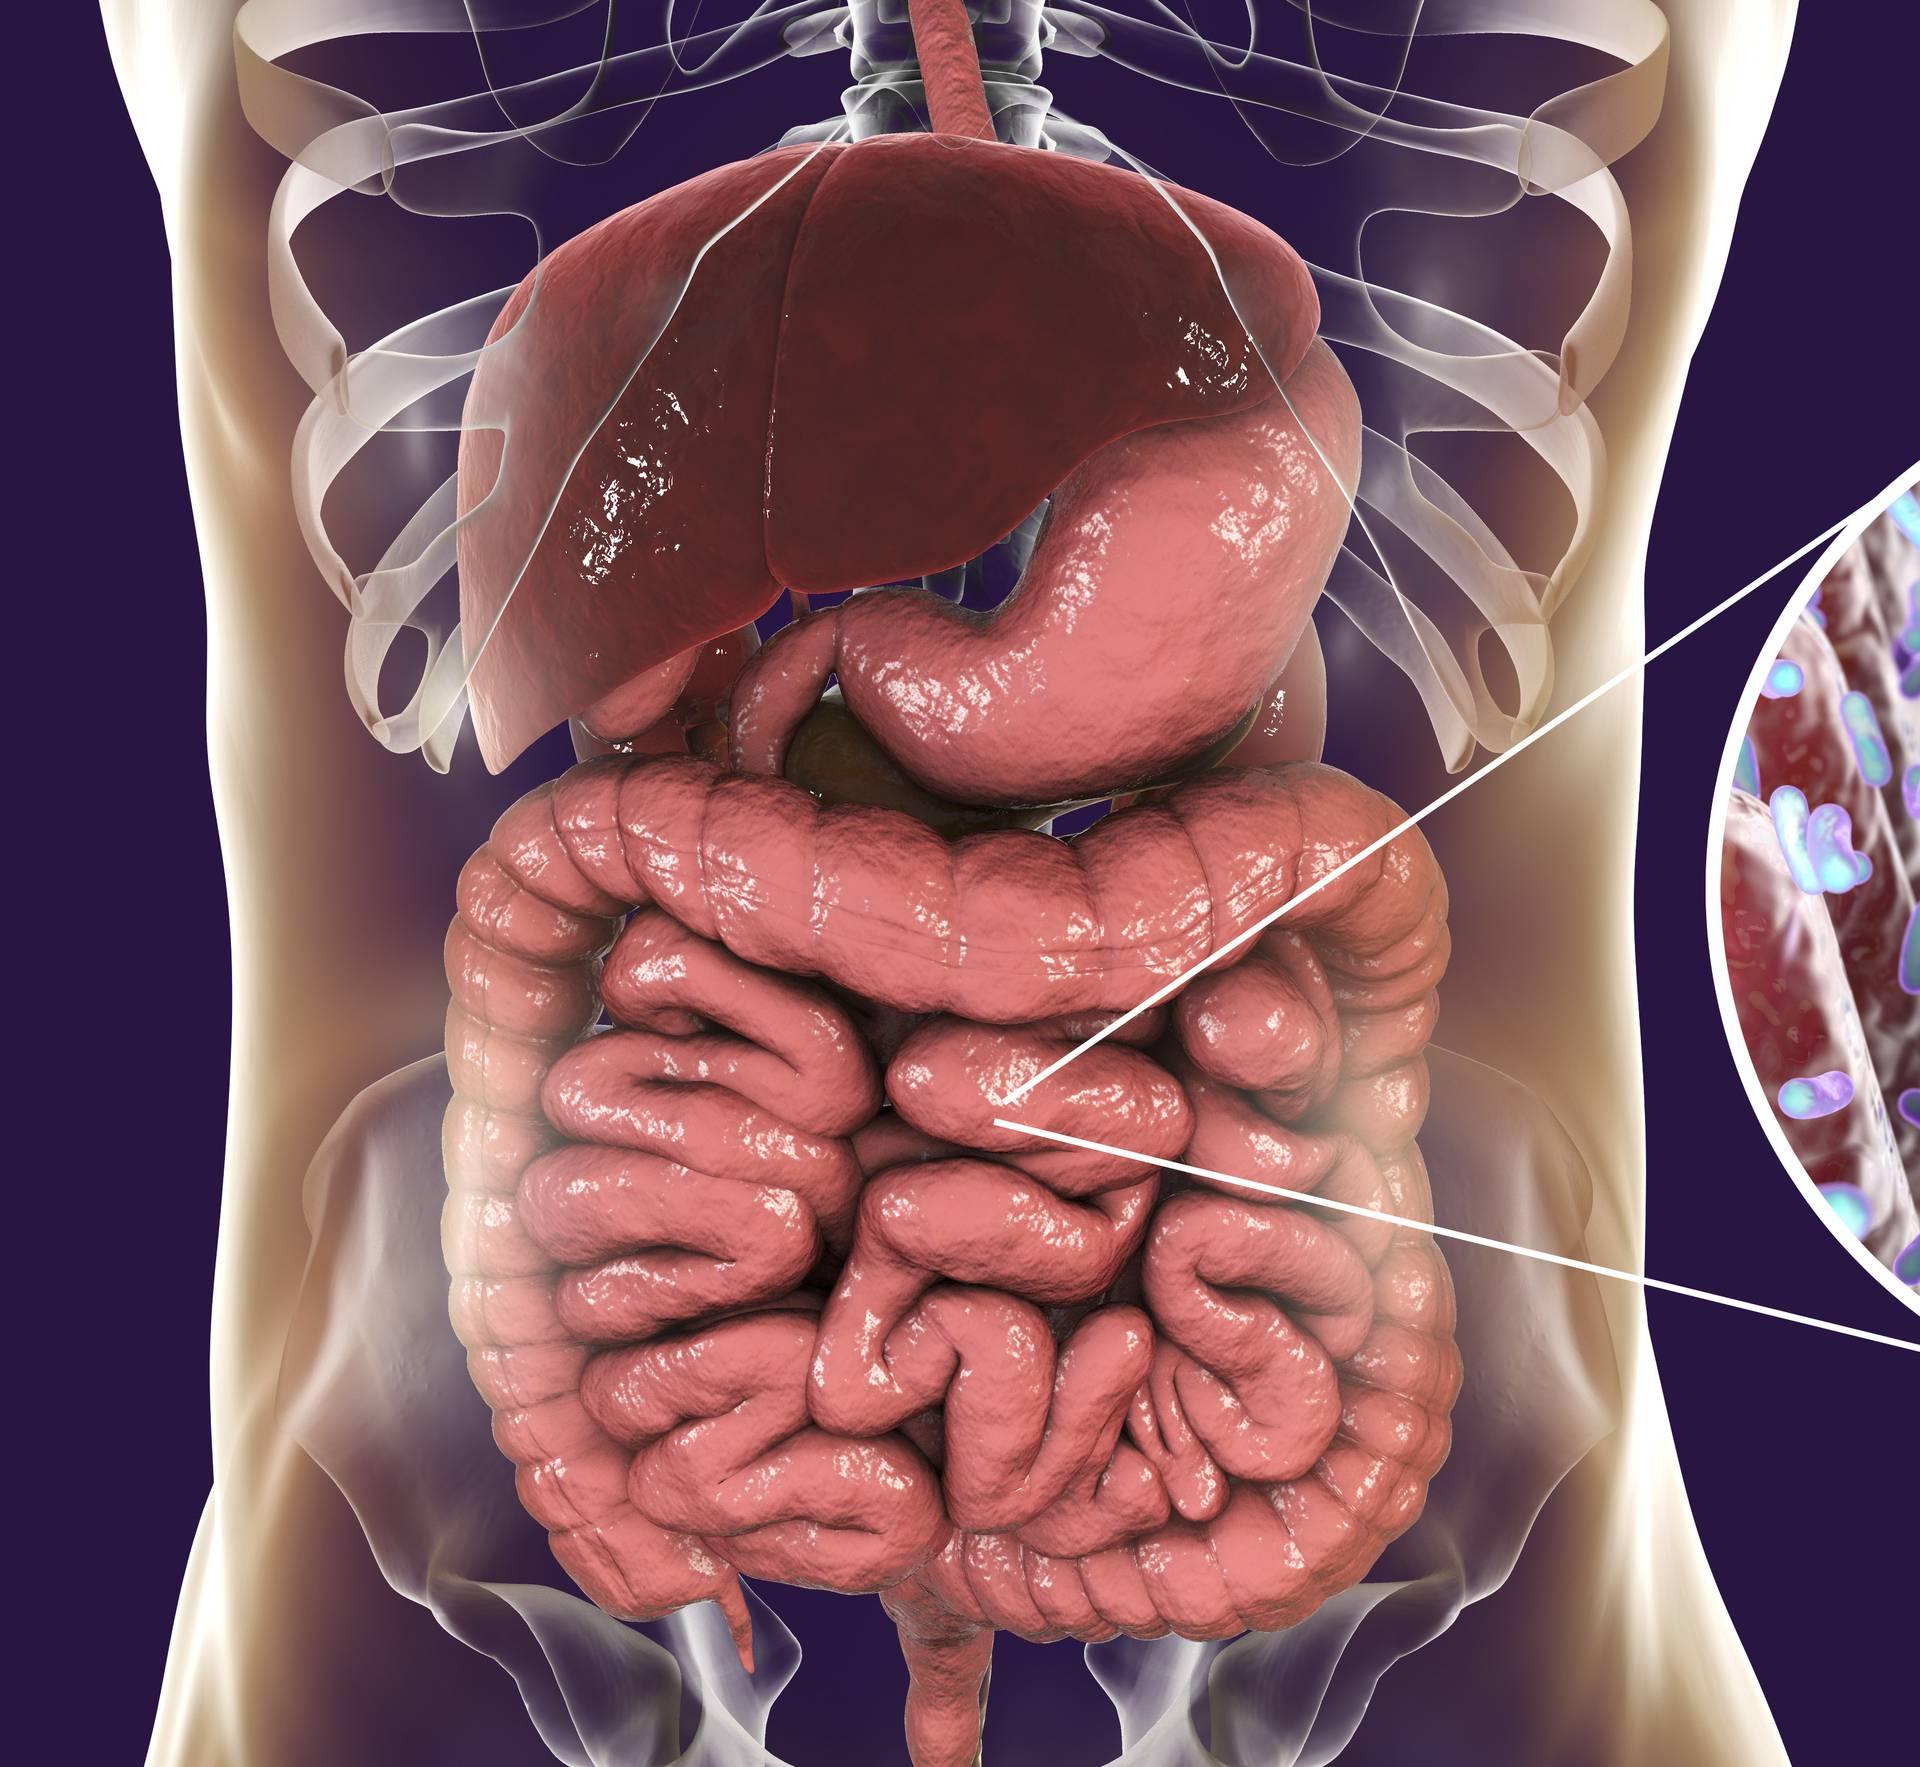 'Antibiotici mijenjaju sastav i raznolikost crijevnih mikroba'